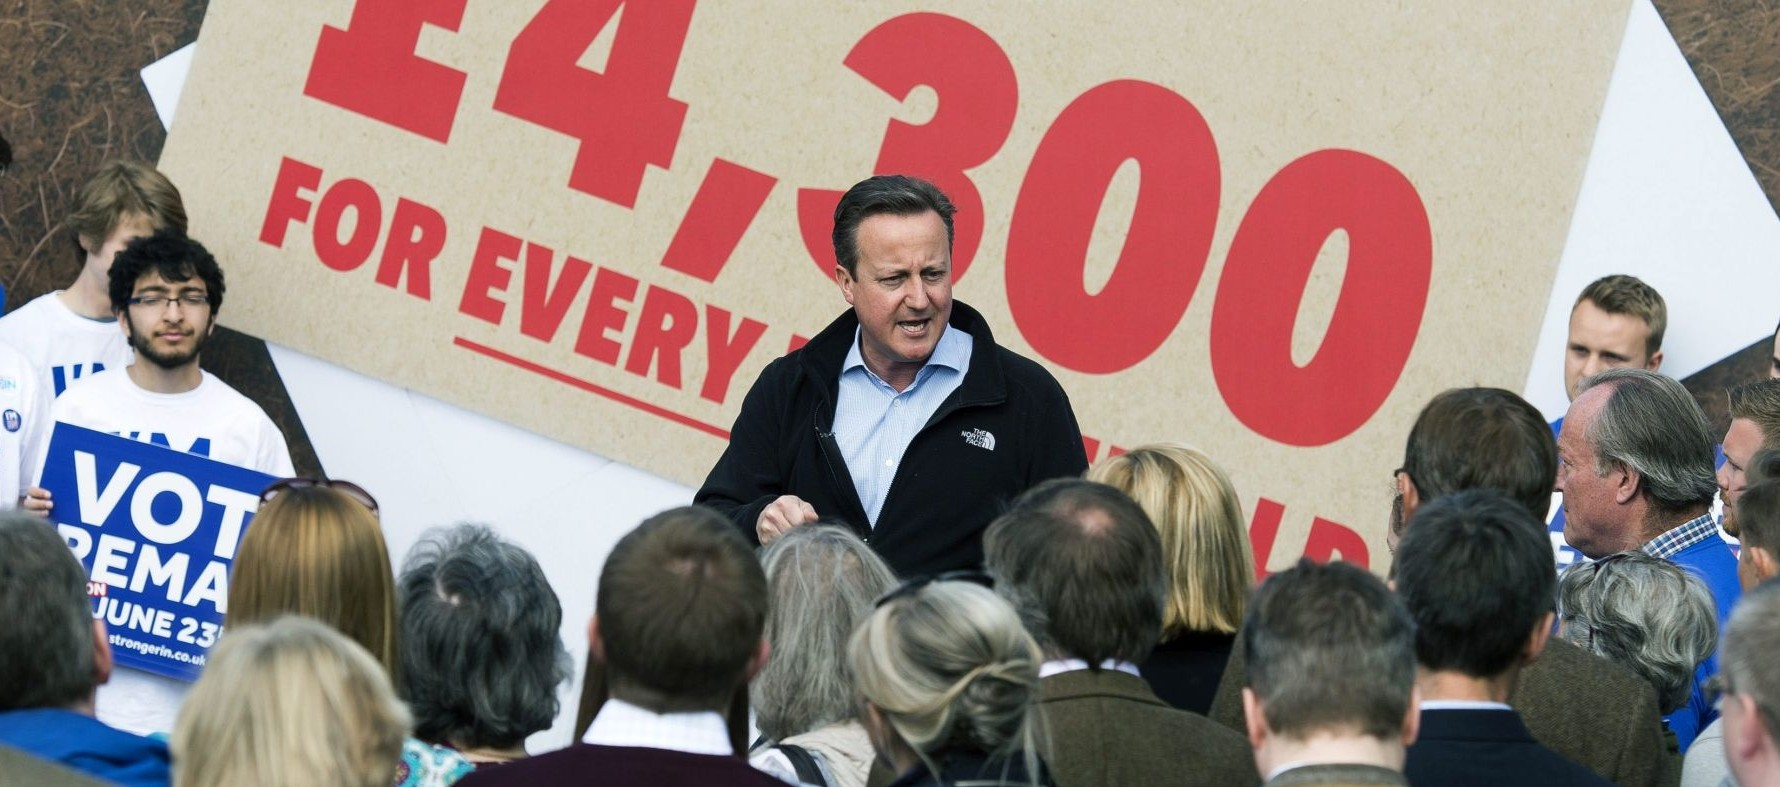 VIDEO: David Cameron i glazbenici u kampanji za ostanak Velike Britanije u EU